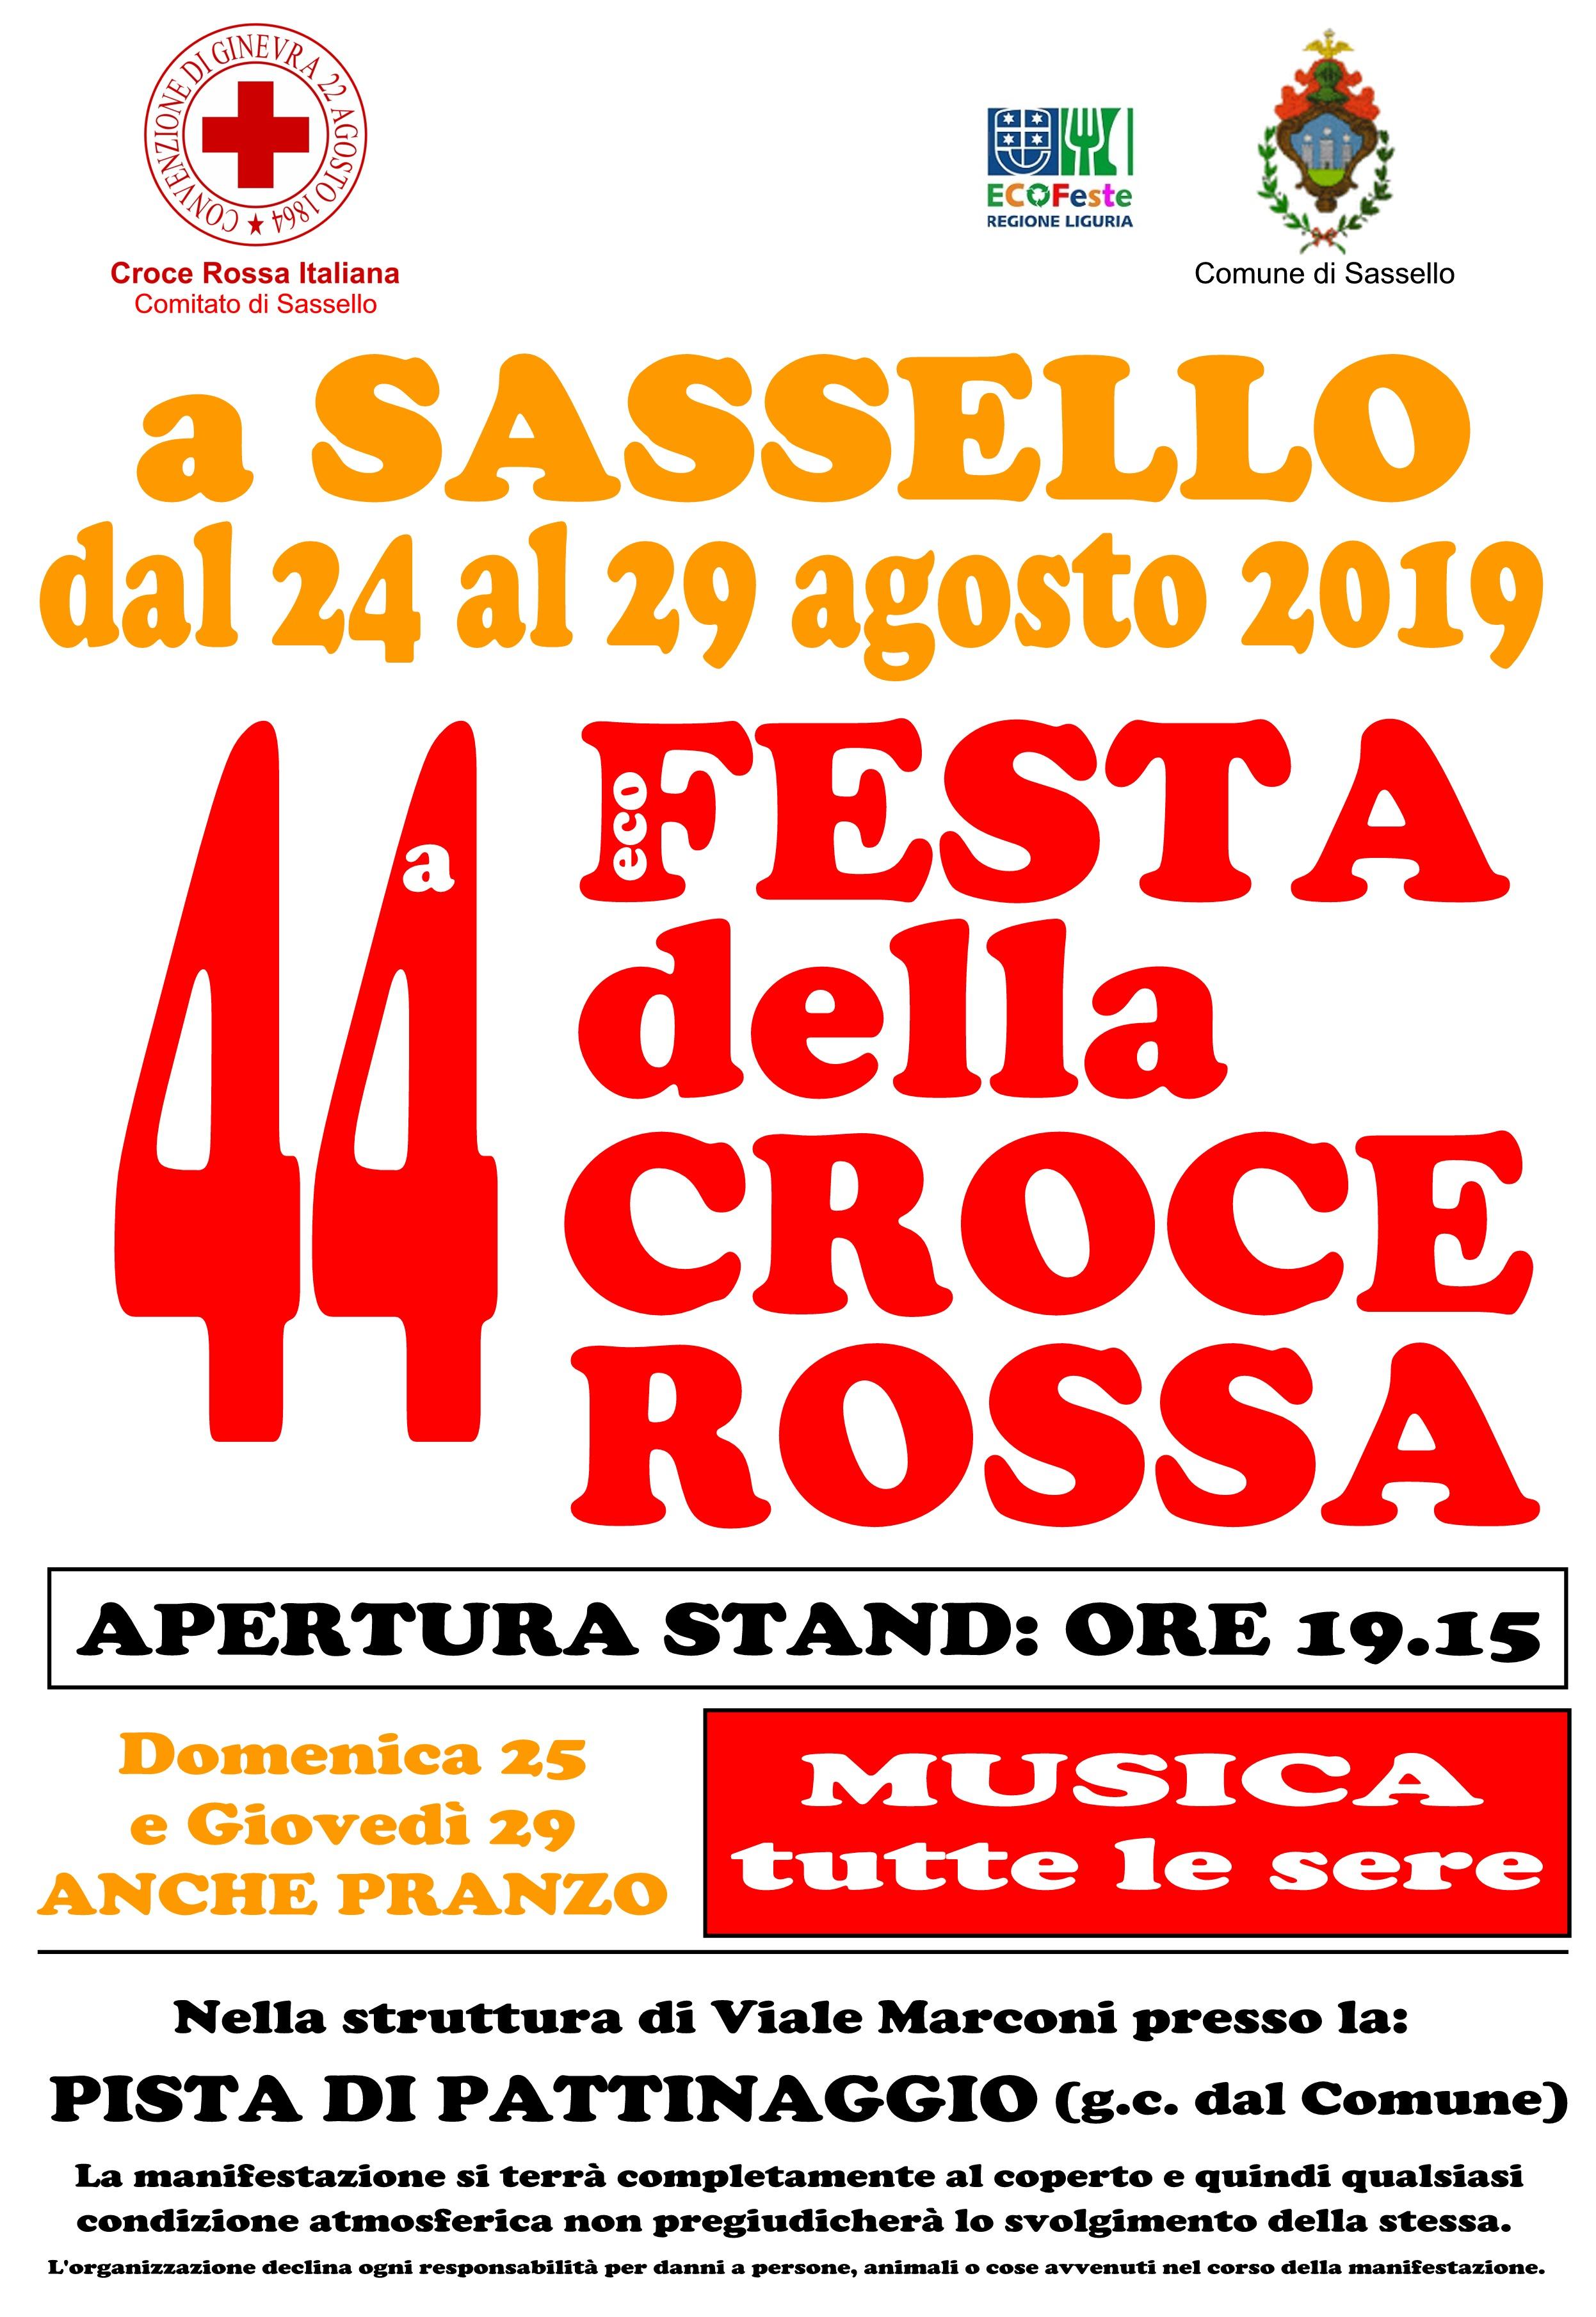 Sassello-Festa della Croce Rossa